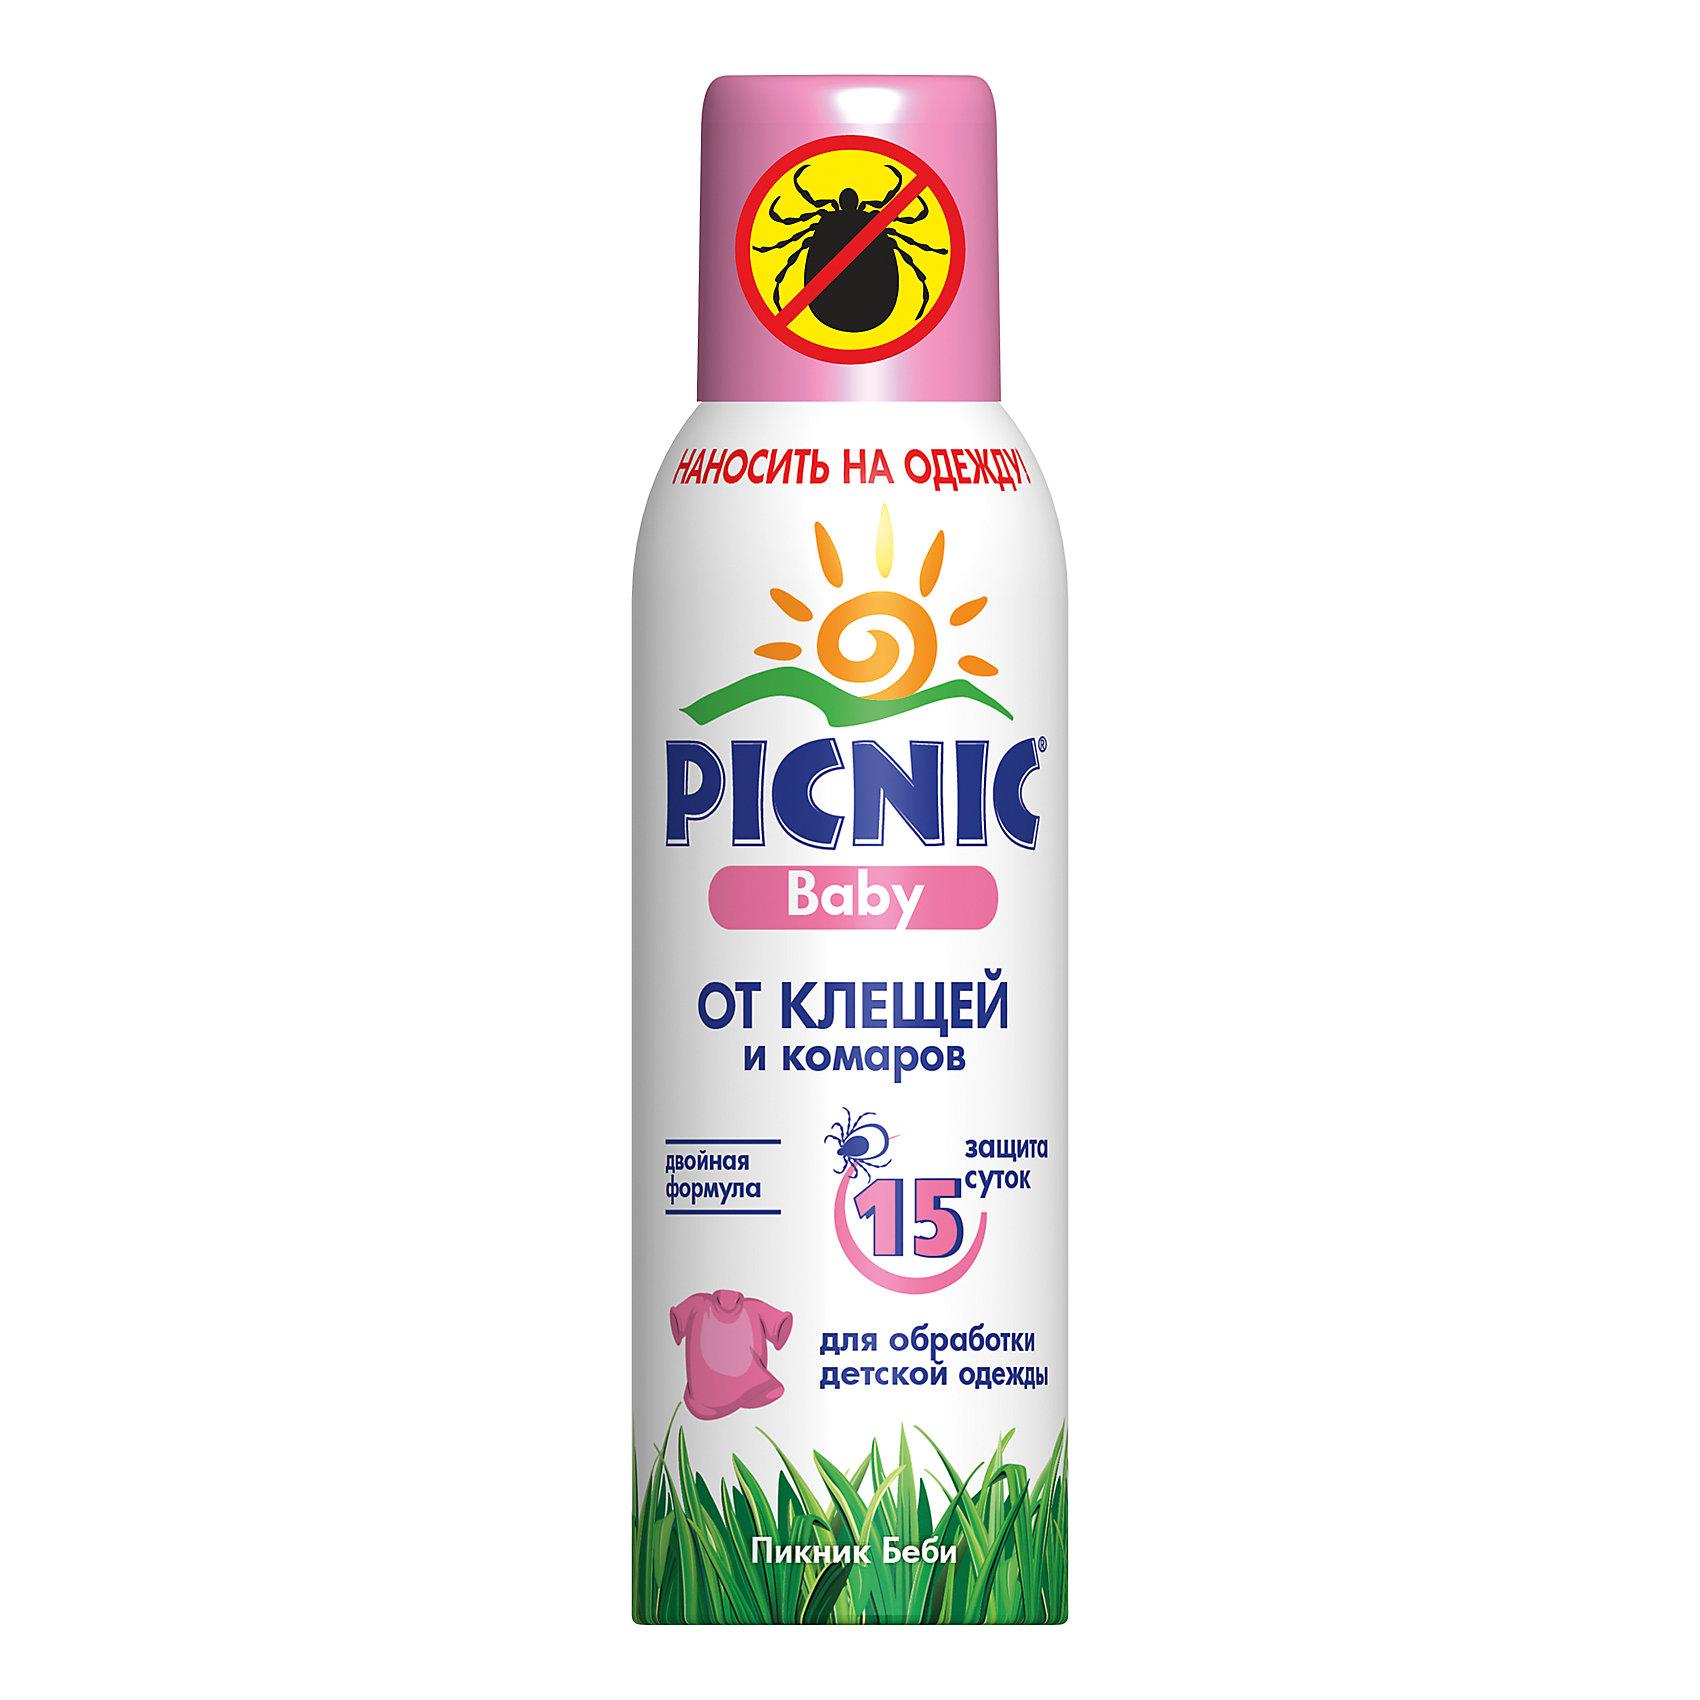 Picnic Аэрозоль от комаров и клещей гипоаллергенный, 125 мл., Picnic Baby средства от насекомых picnic hypoallergenic крем гель с пантенолом 30 мл